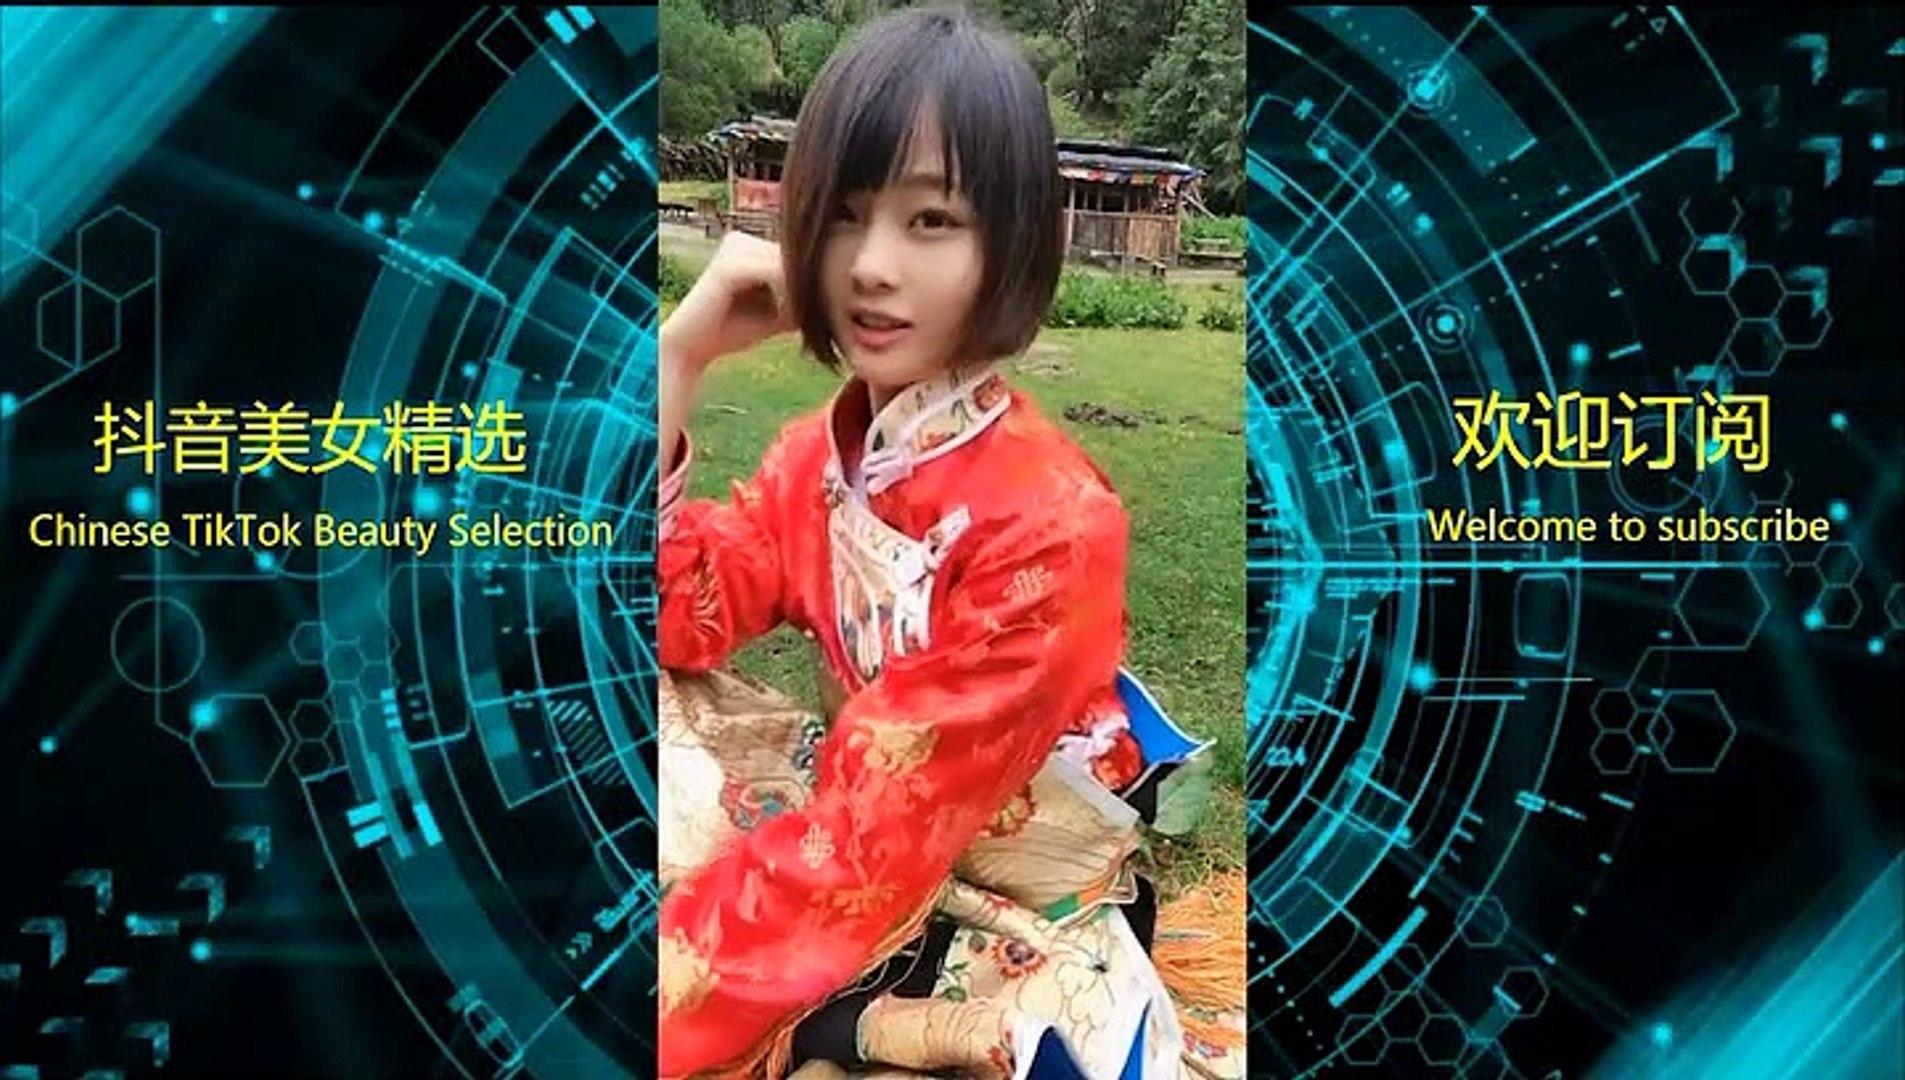 【抖音sexy girl】 2019 China TikTok sexy beauty collection #TikTok Sexy Dance #TikTok welfare video